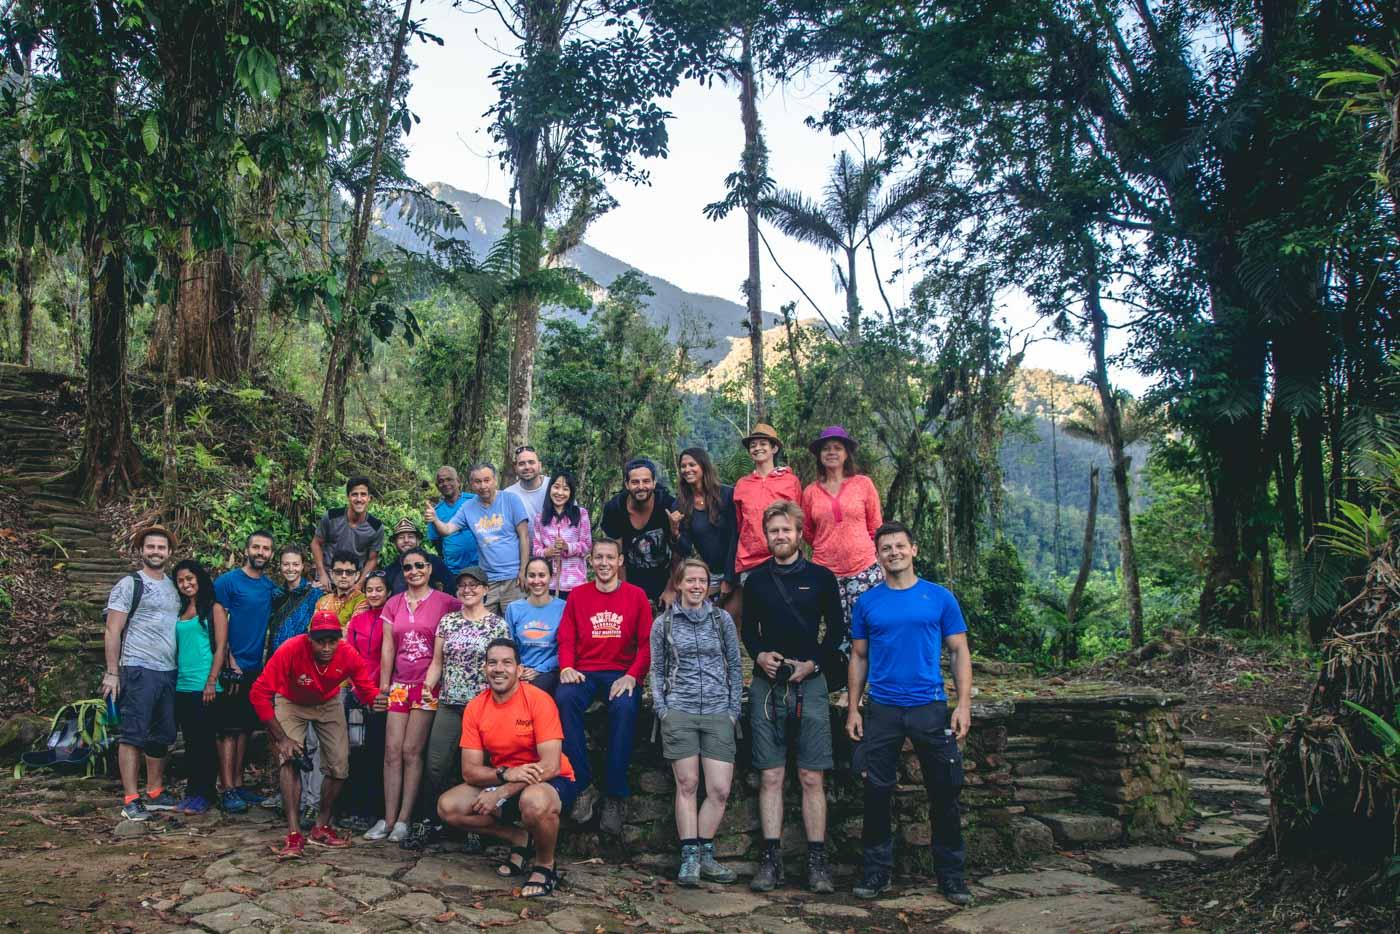 Our Guias y Baquianos Lost City trek family!